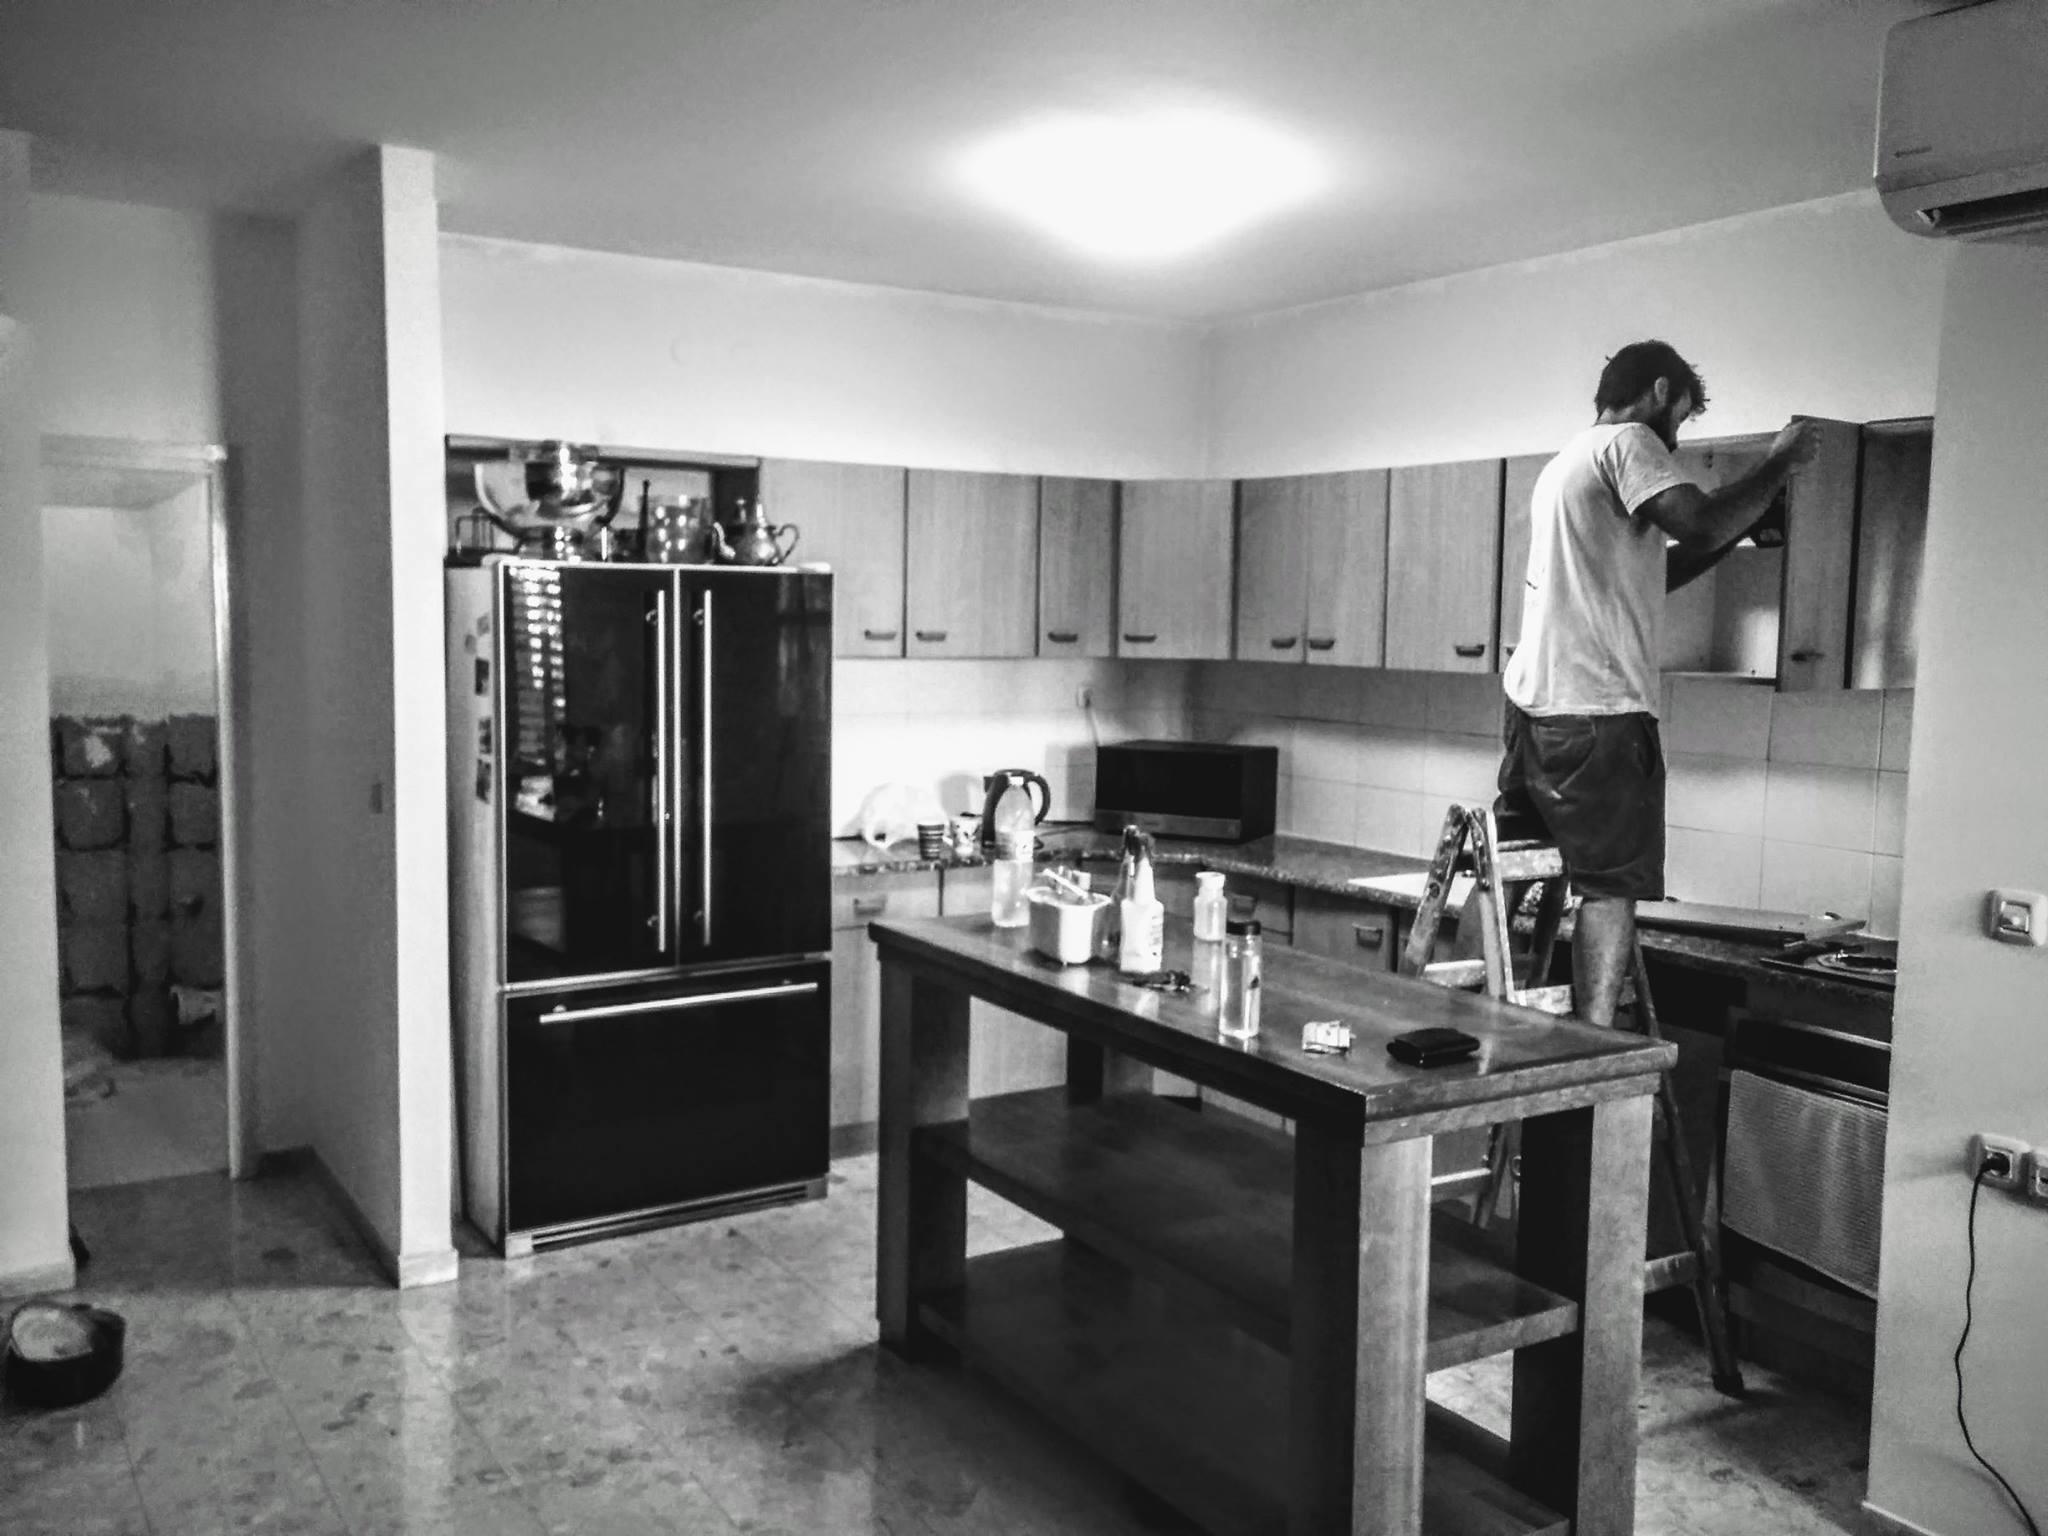 ניהול נכסים בתל אביב   ניהול דירות בתים משרדים בתל אביב